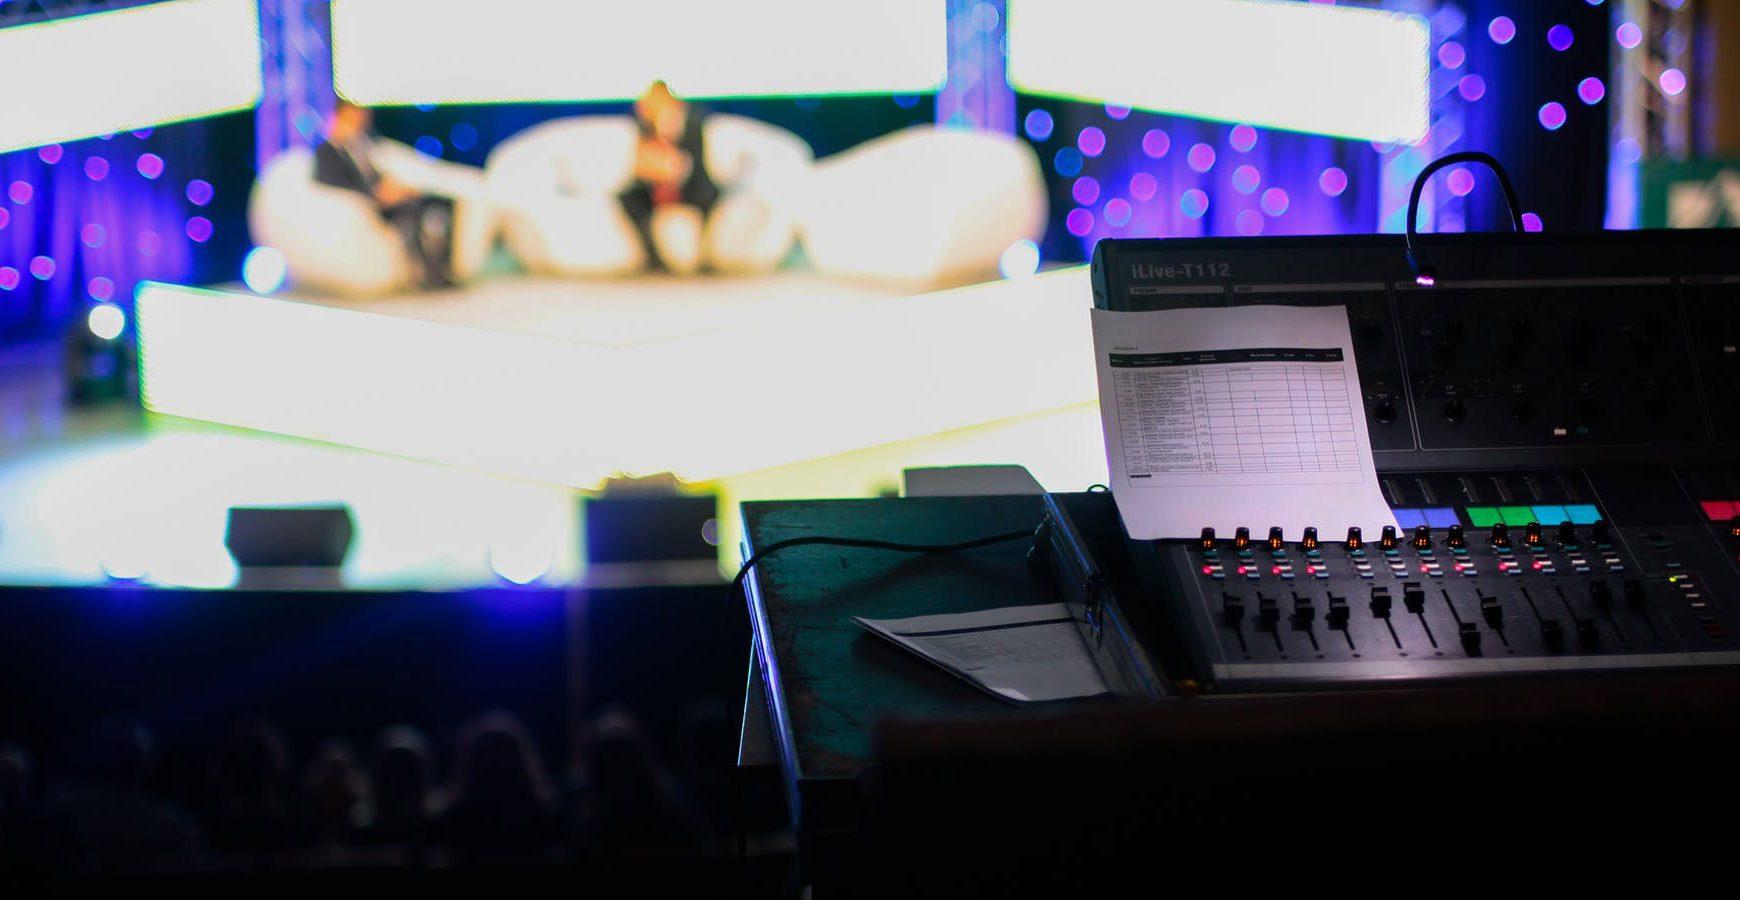 Hekeri prerušili vysielanie španielskej televízie, nahradili ho programom ruskej RT